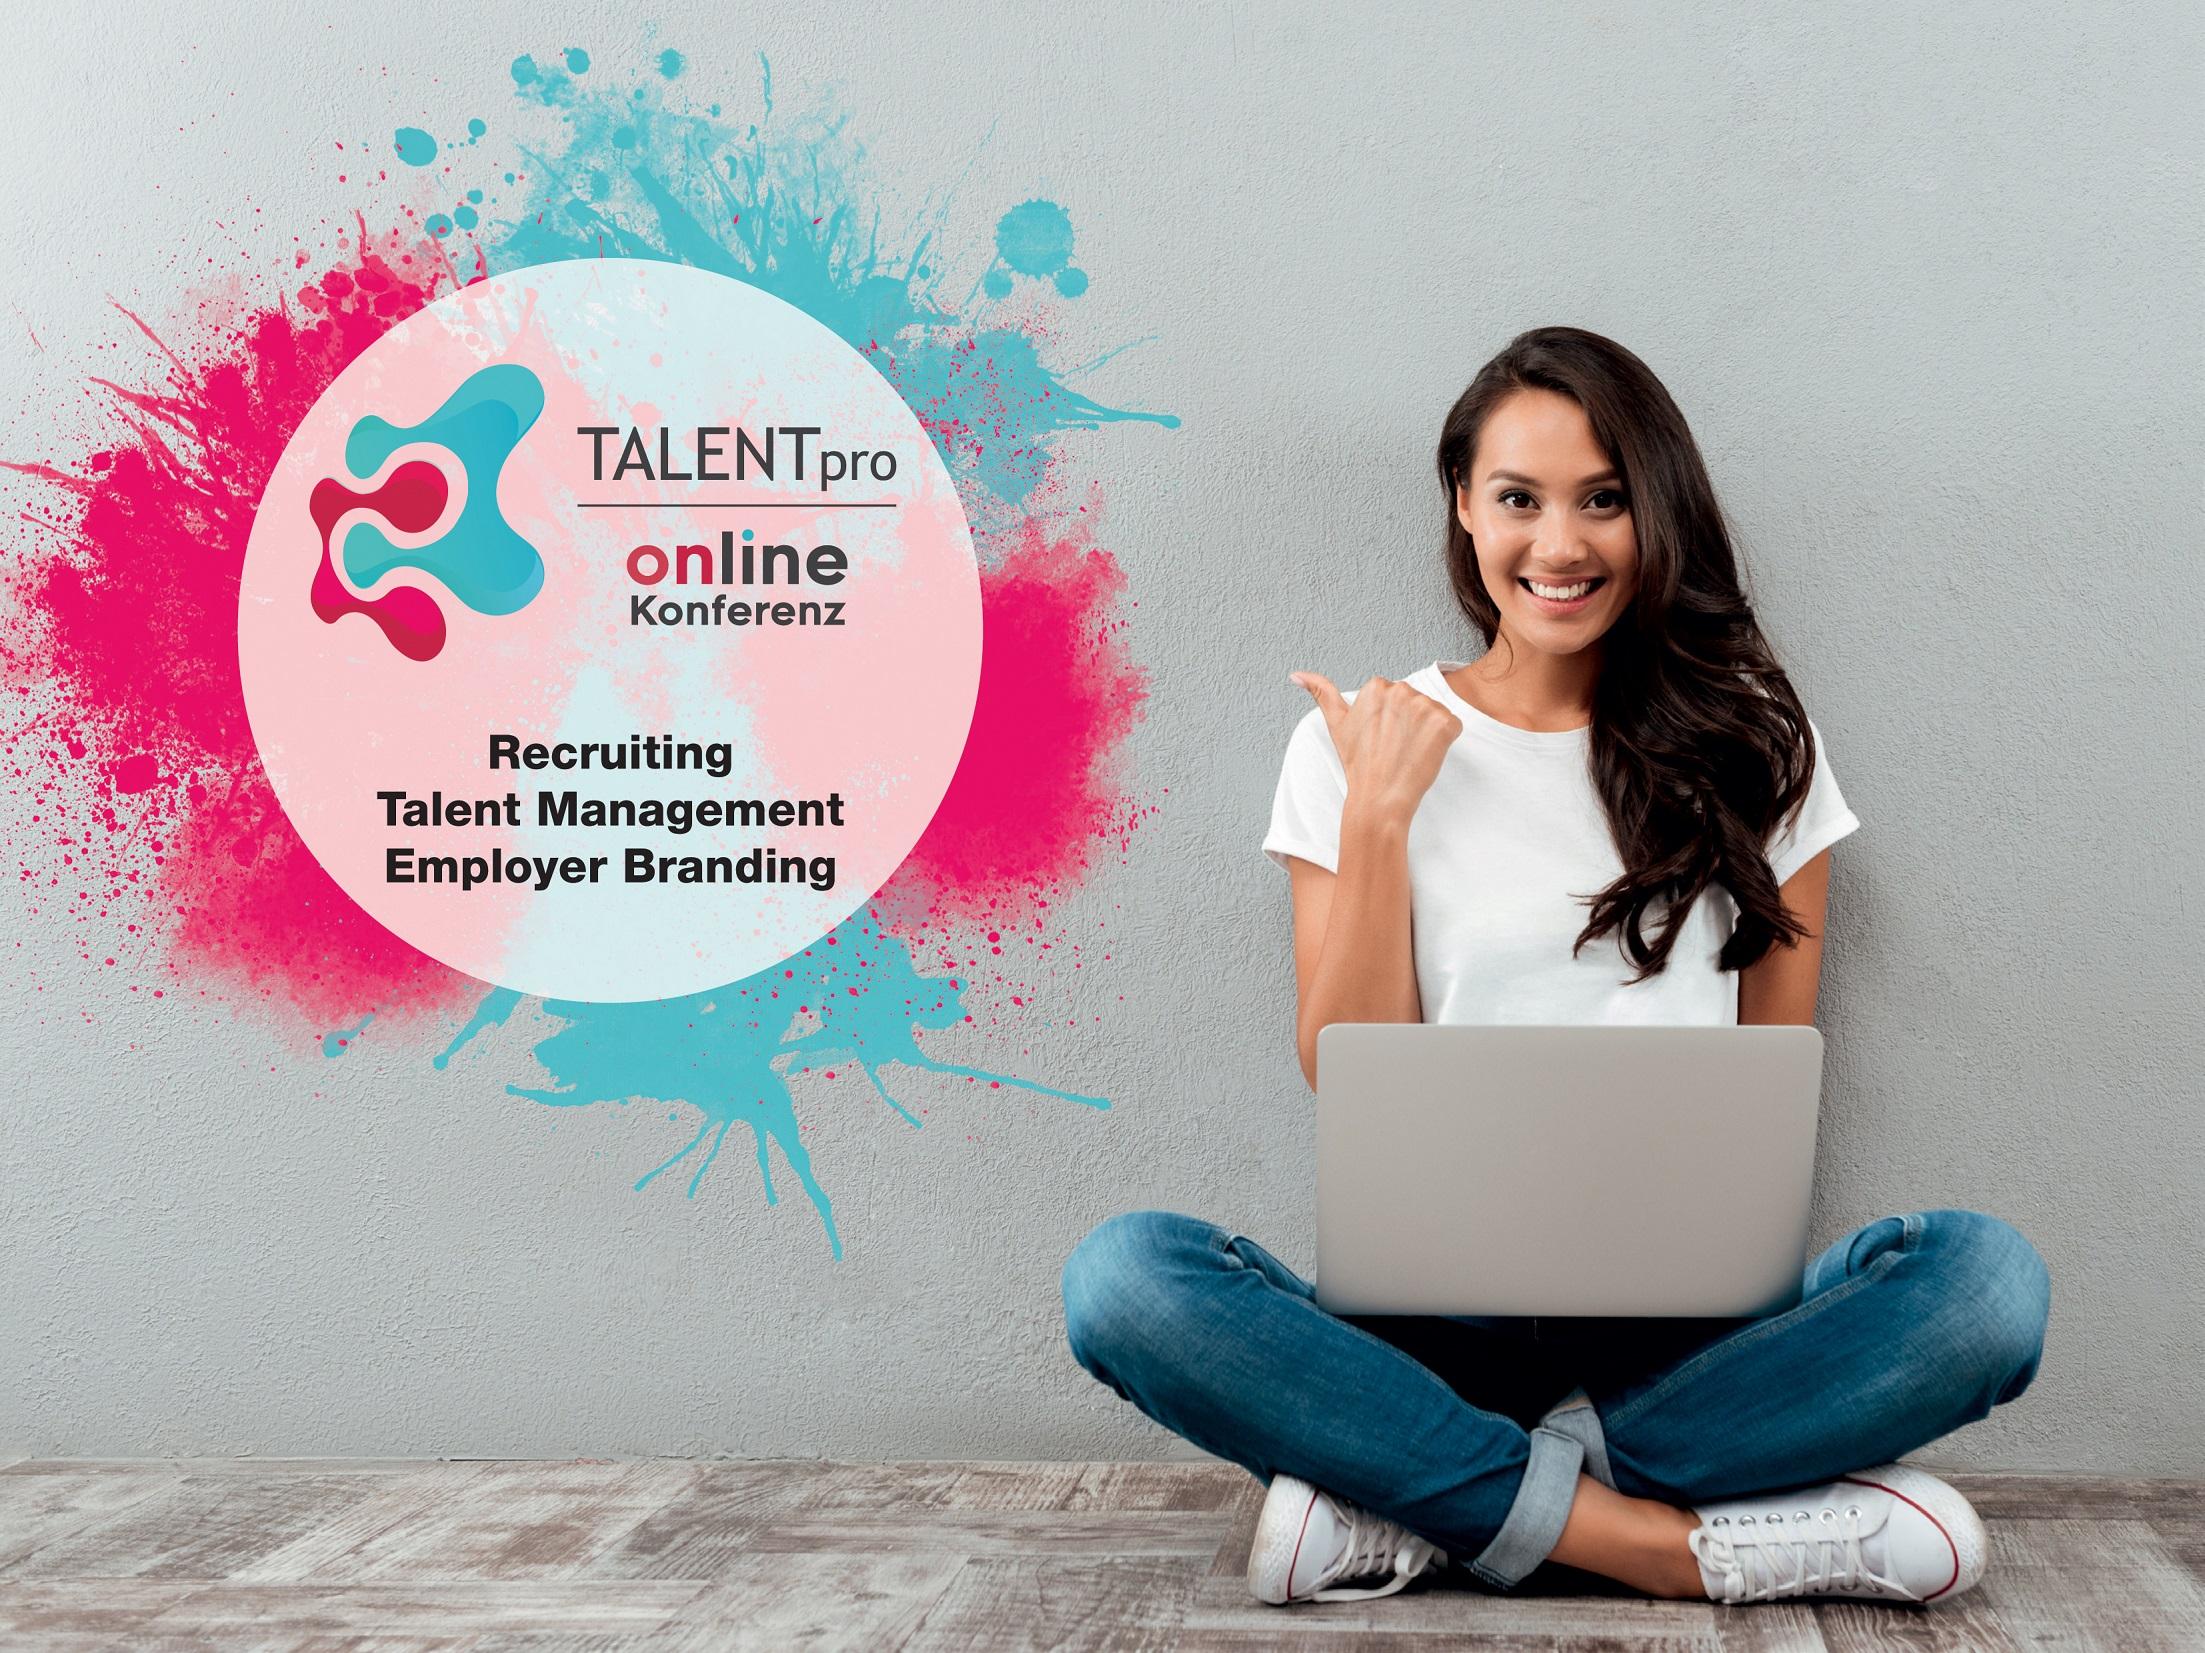 TALENTpro Online Konferenz 2021